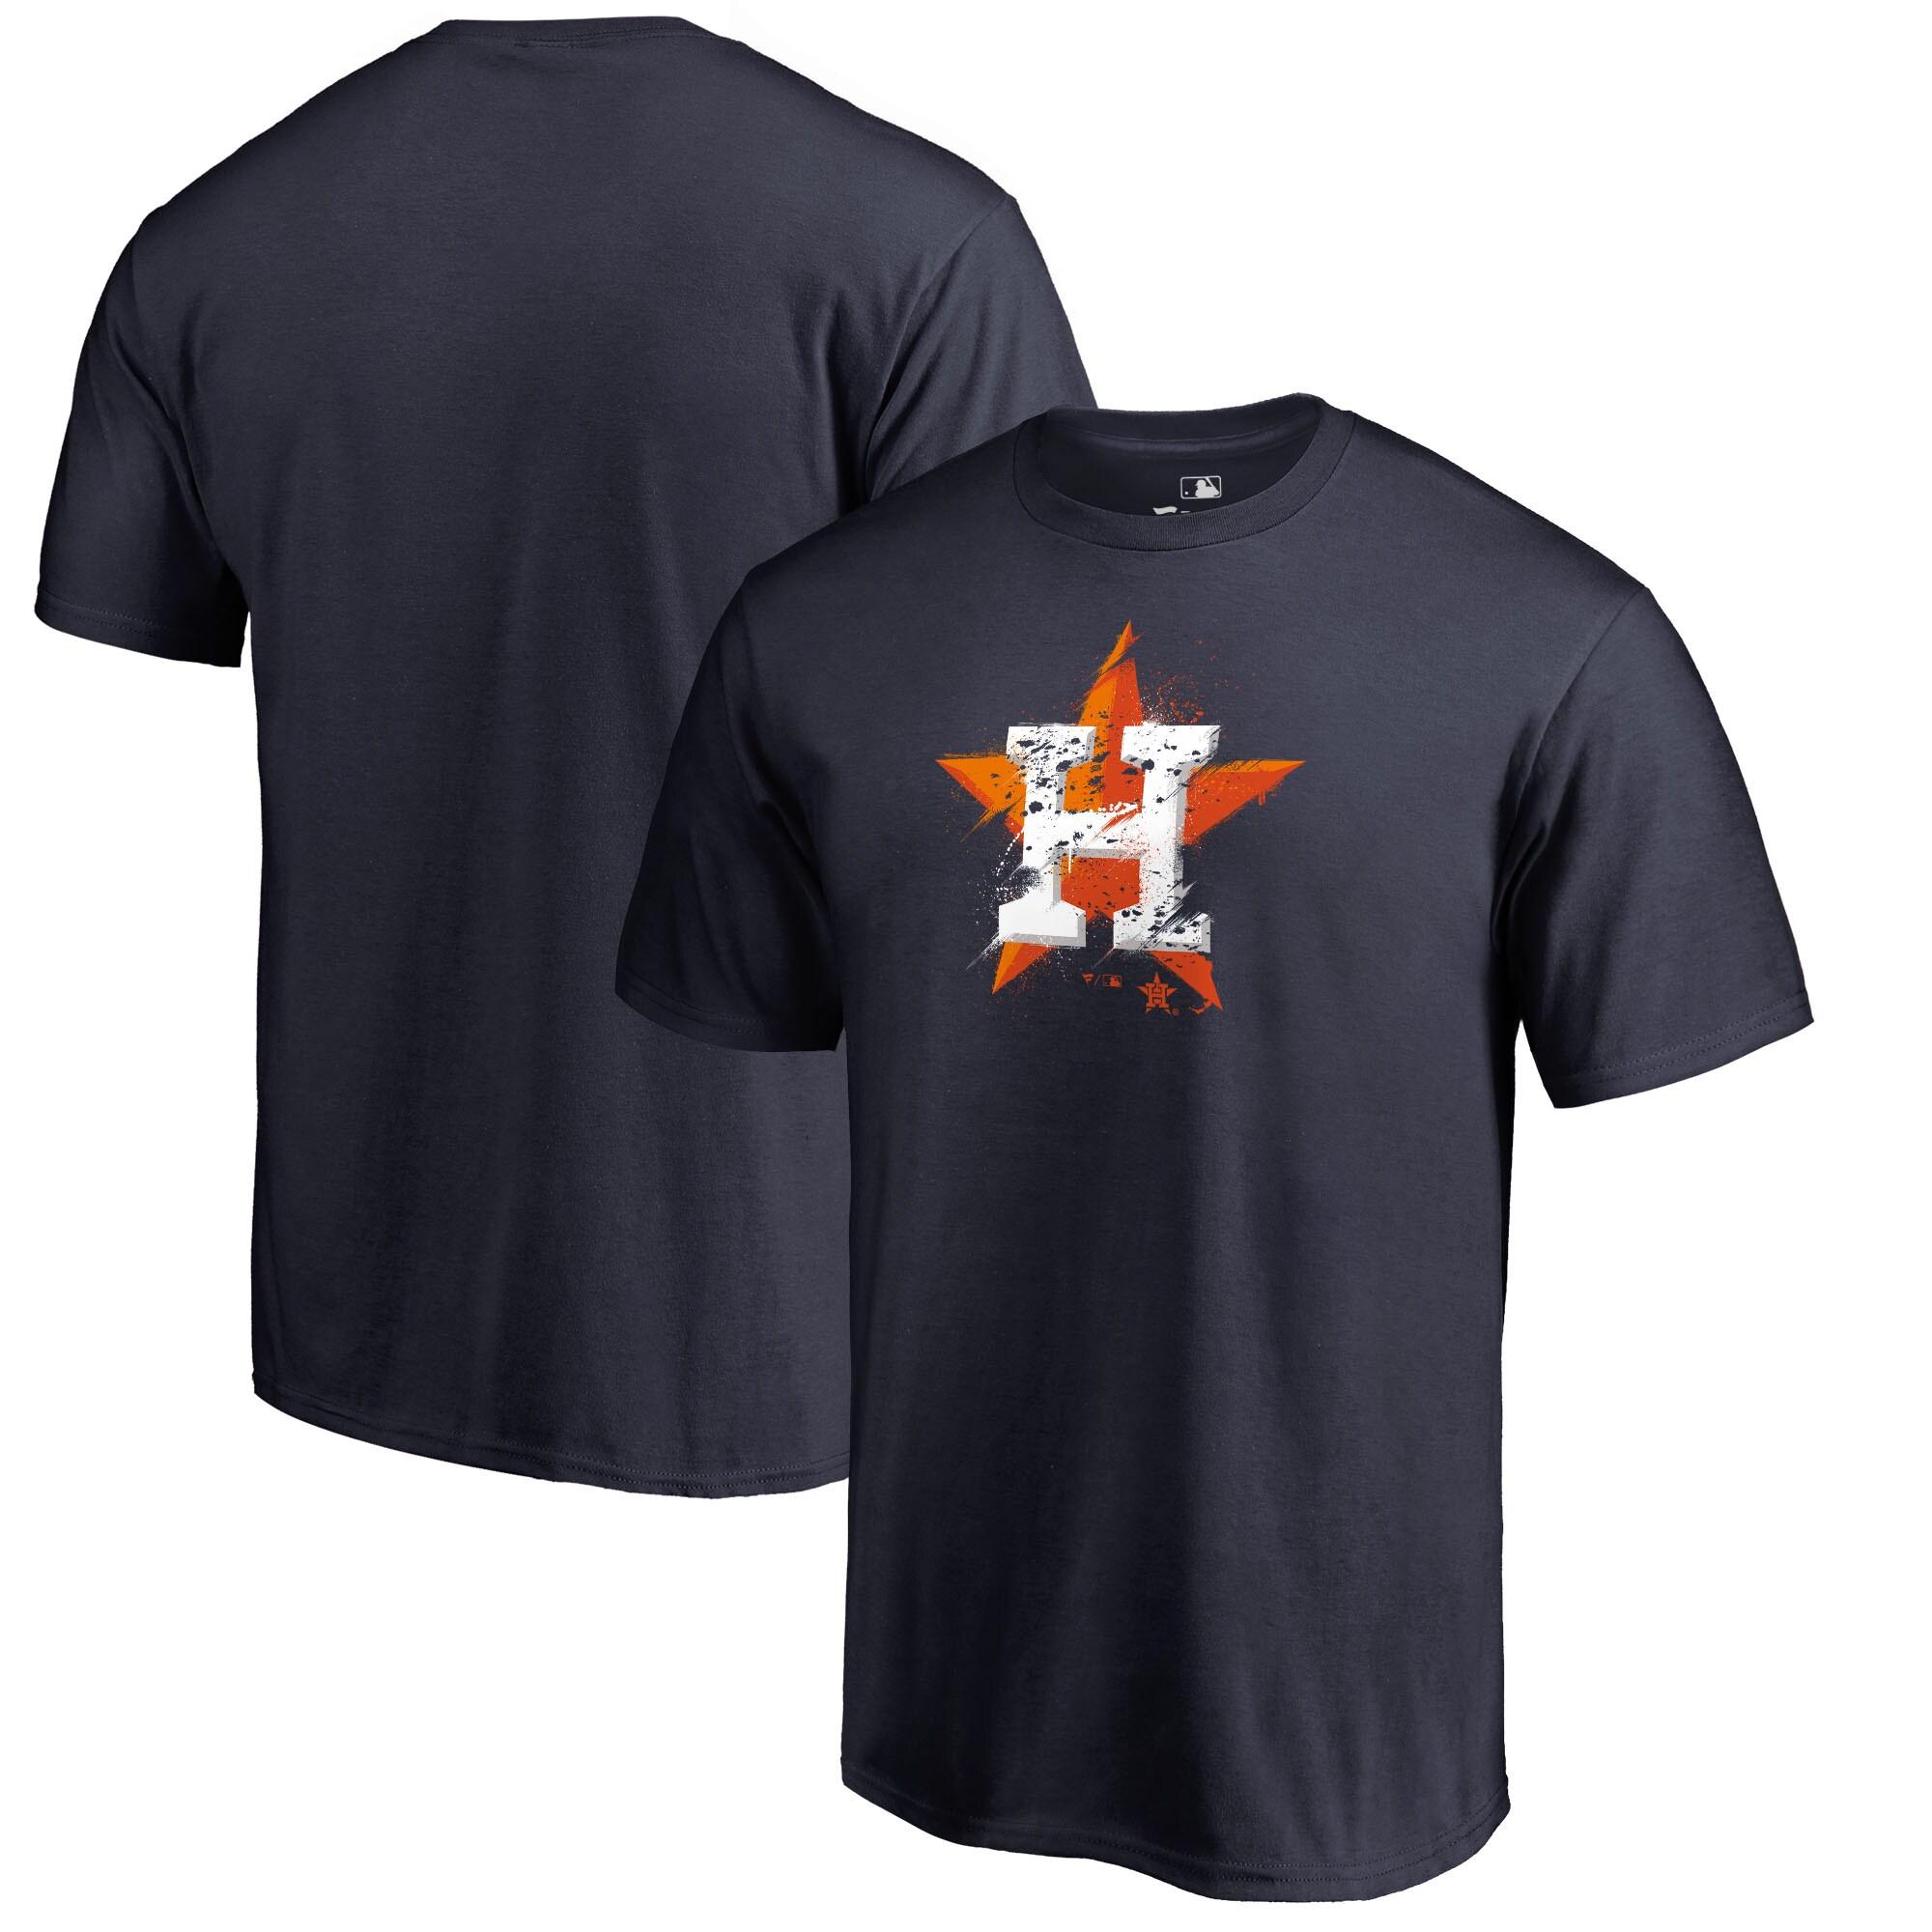 Houston Astros Fanatics Branded Splatter Logo Big and Tall T-Shirt - Navy